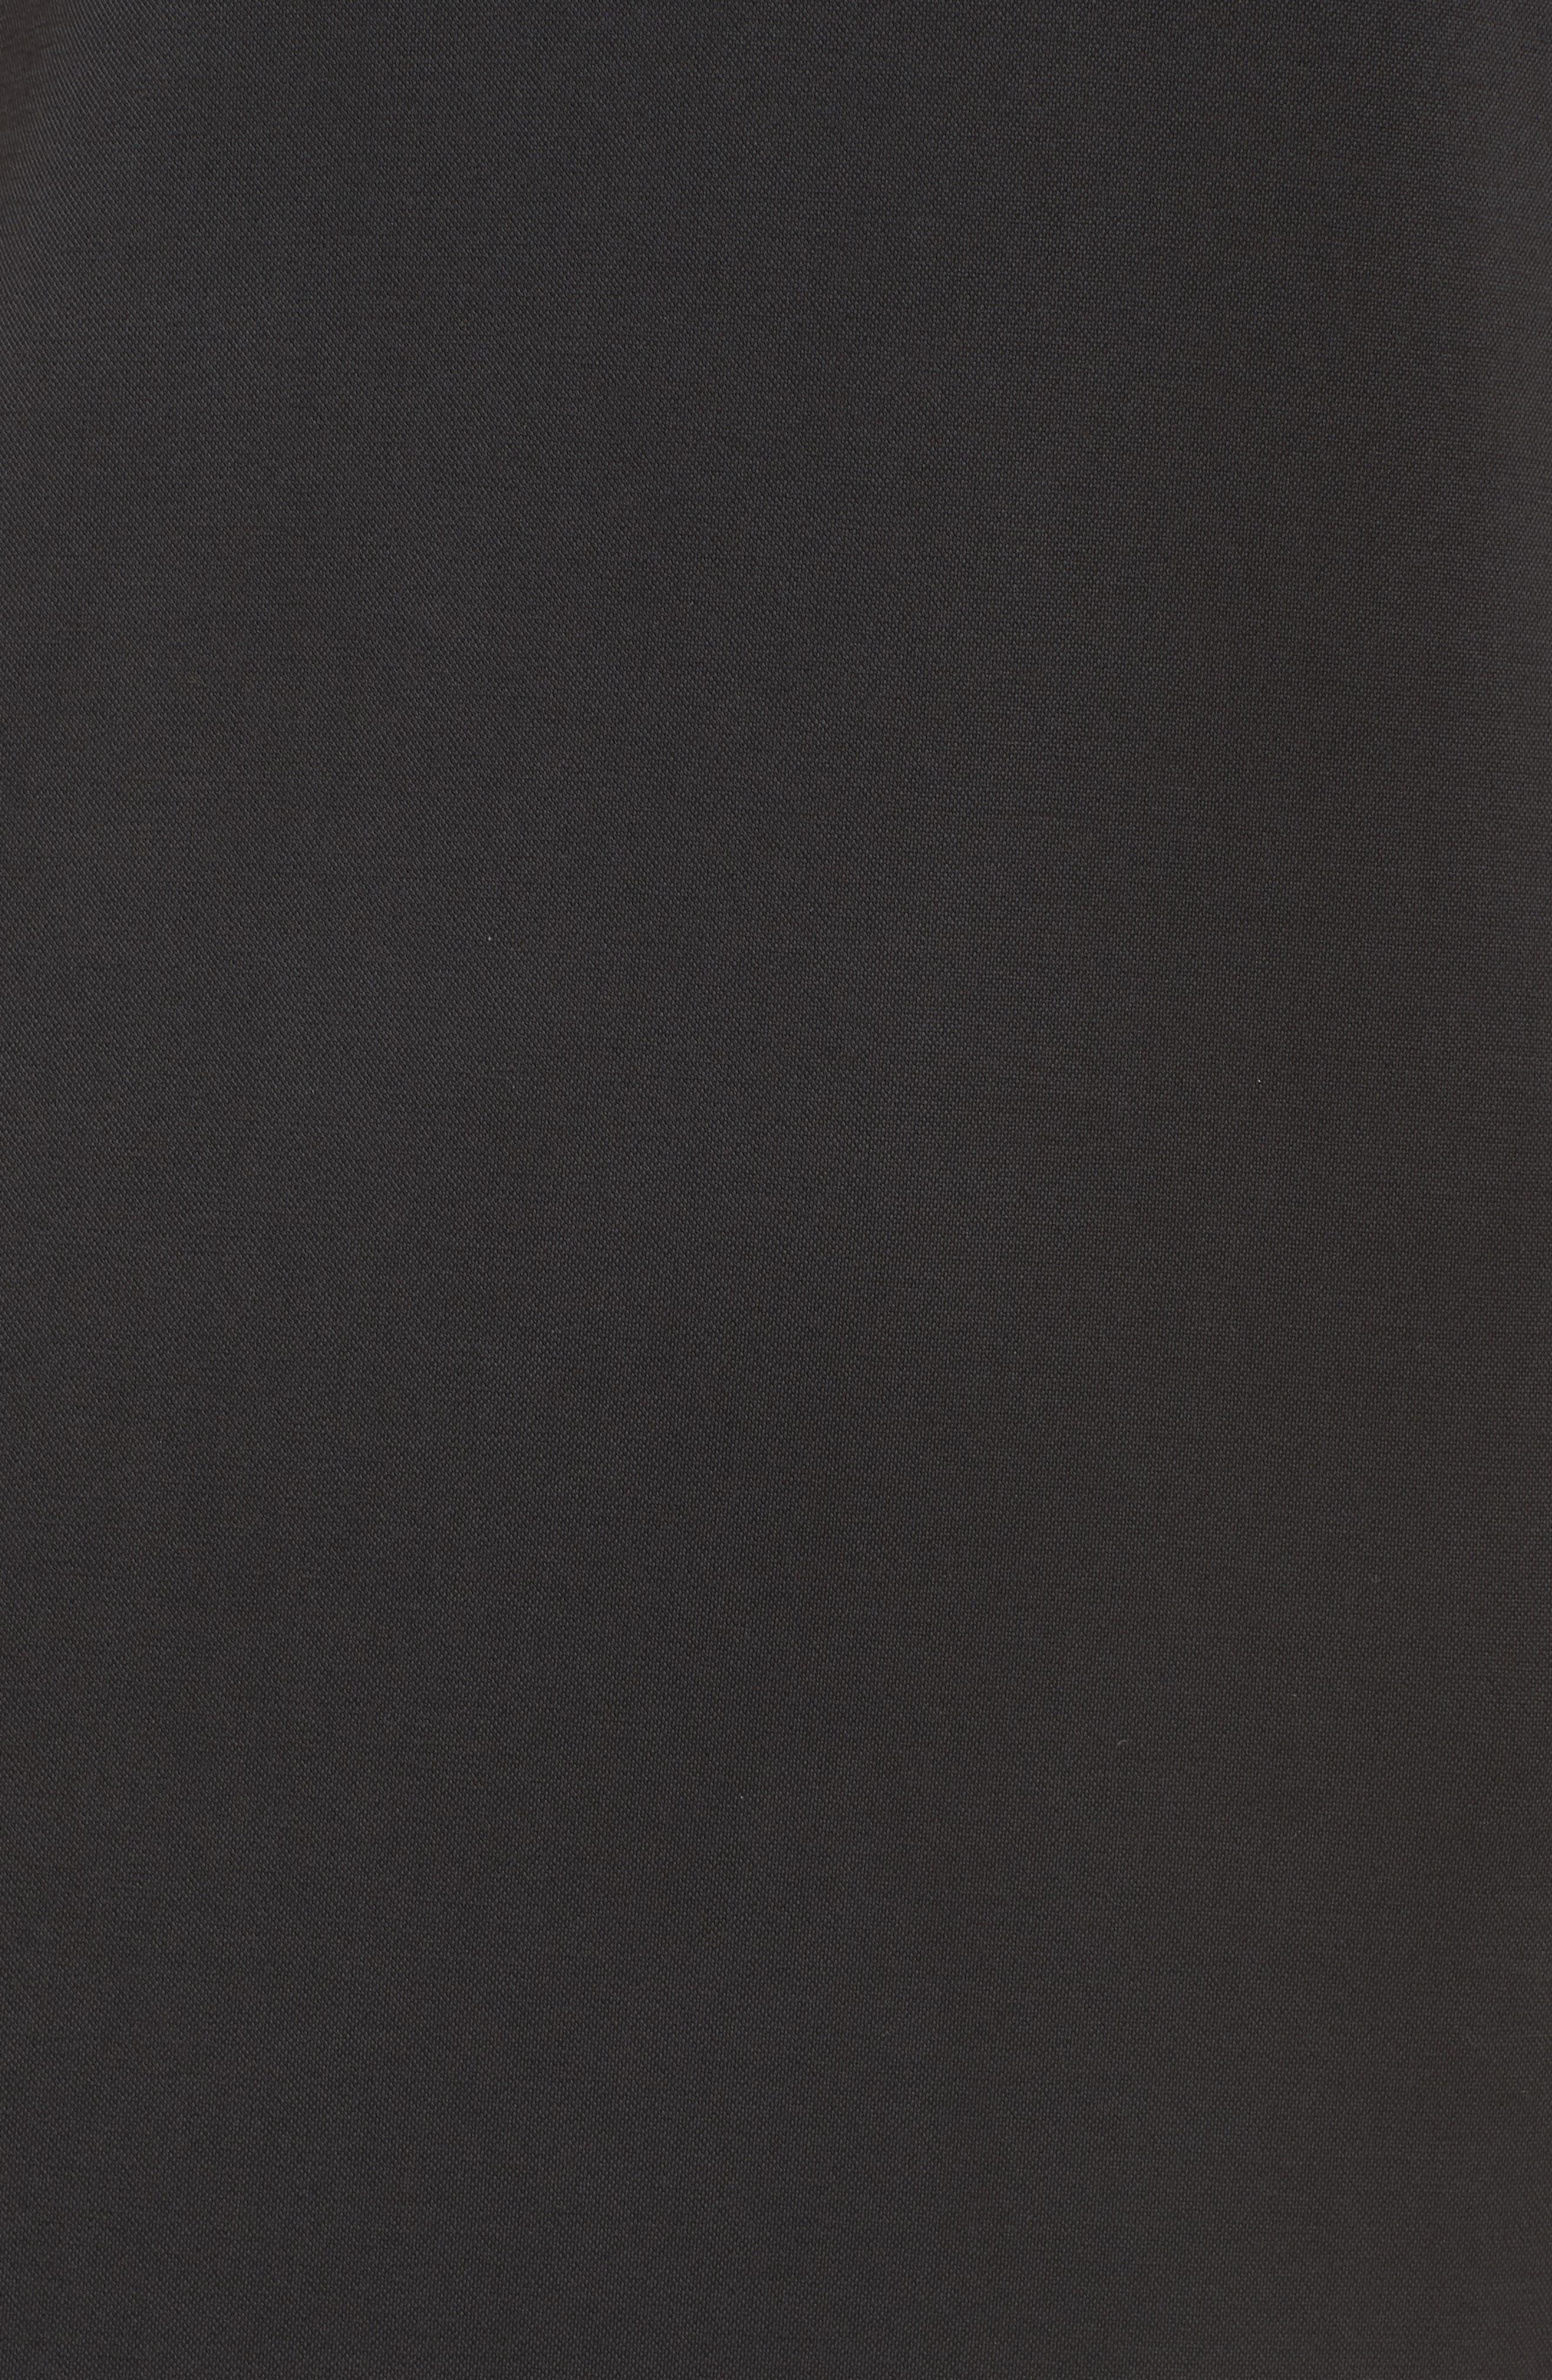 Jersey Midi Dress,                             Alternate thumbnail 6, color,                             001